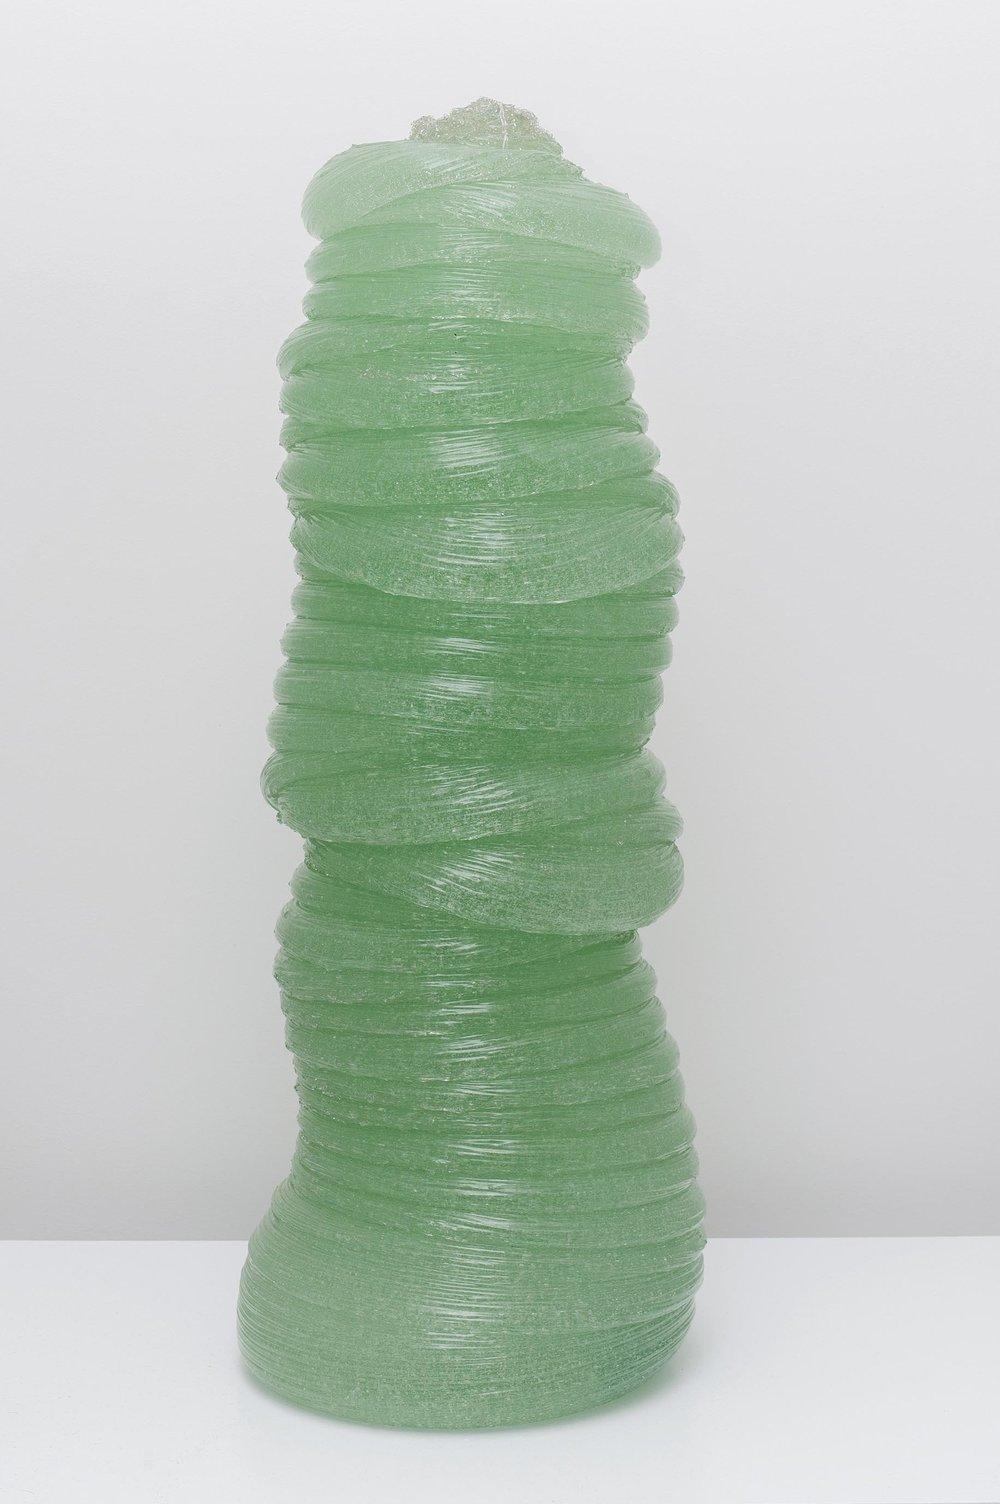 Glass No. 4 Hs, 2004